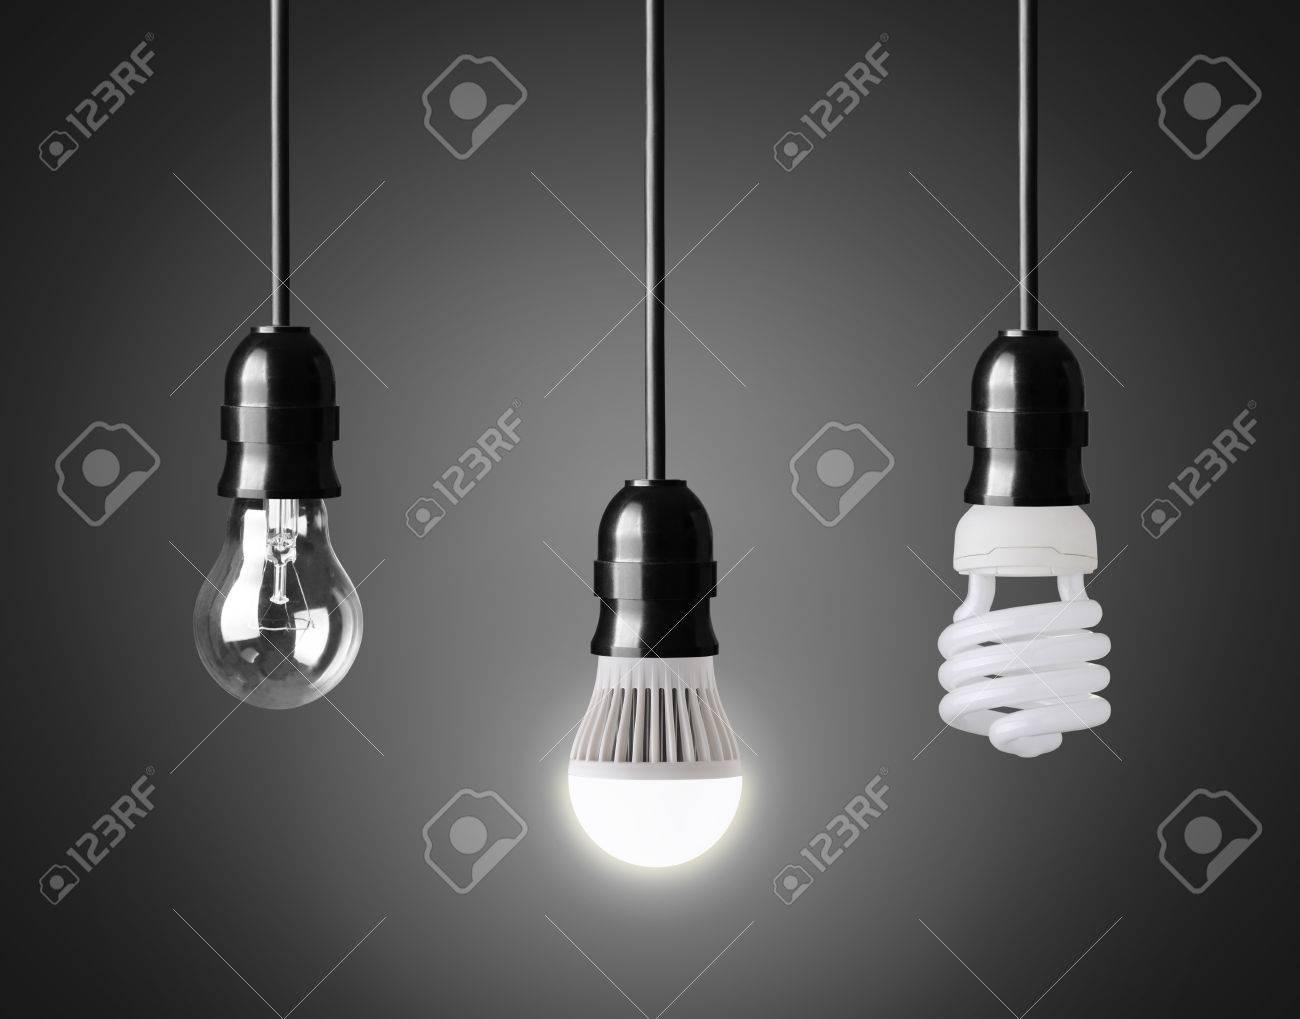 30696644 ampoule ampoule %C3%A9conomie d %C3%A9nergie et ampoule led sur le noir 5 Superbe Economie Ampoule Led Zat3